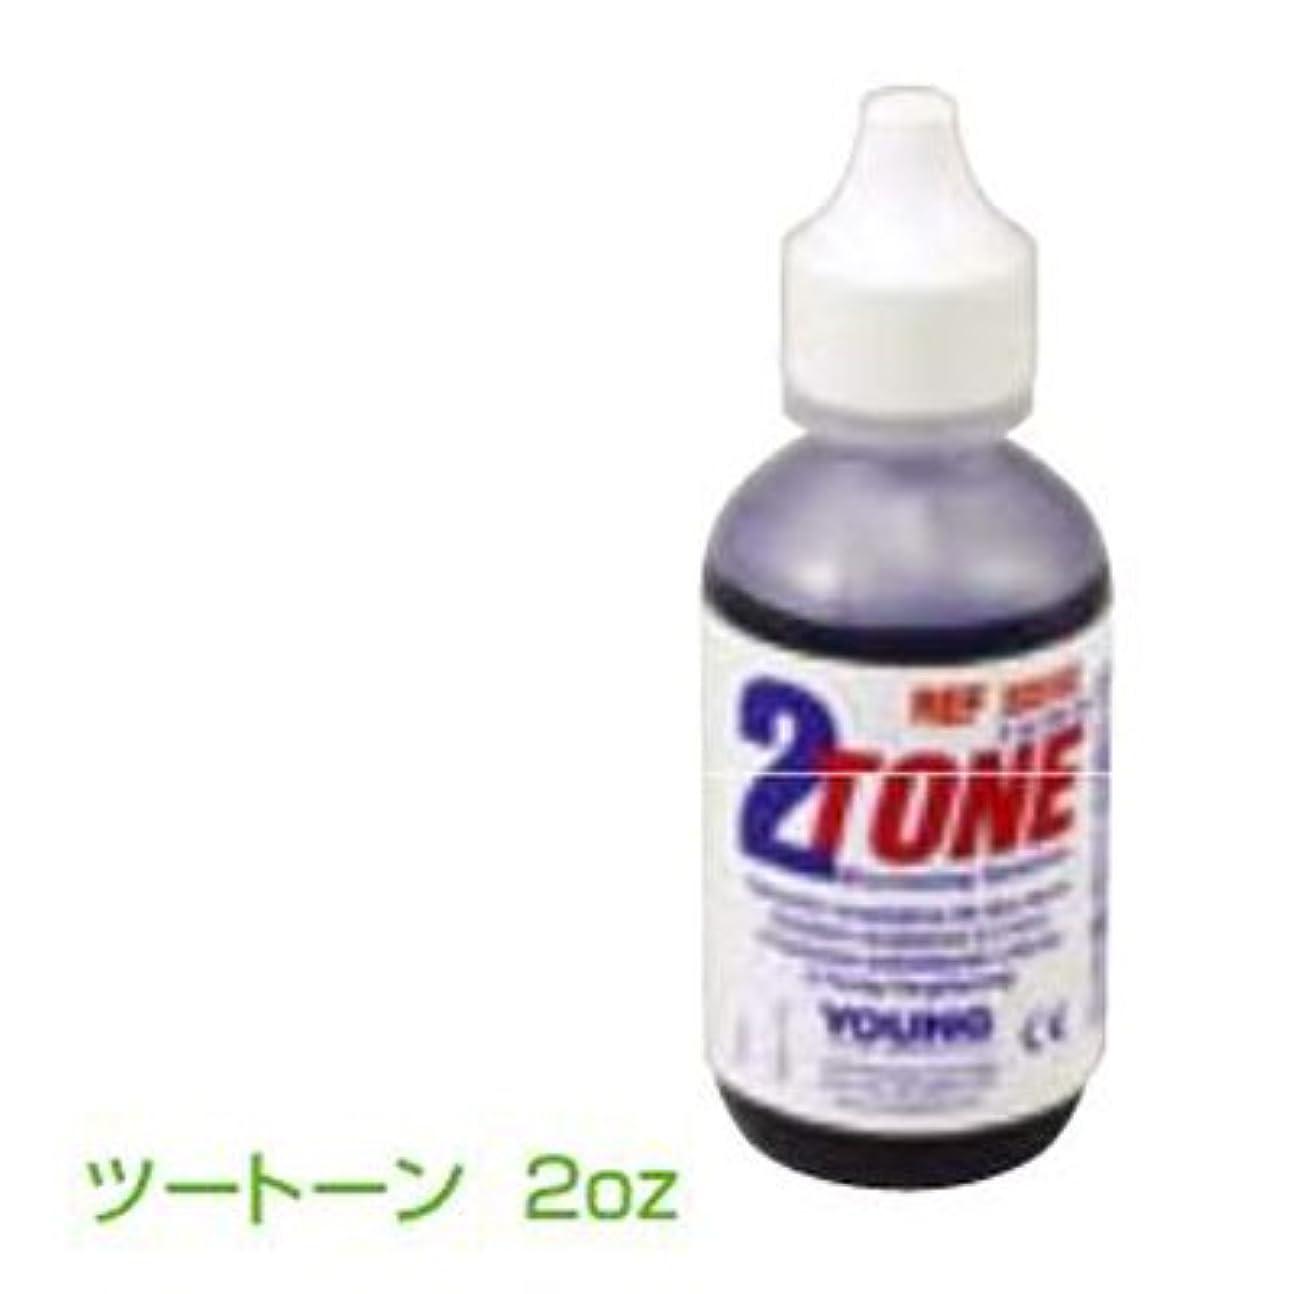 ツートーン 2oz(歯垢染色剤)【歯科医院専売品】